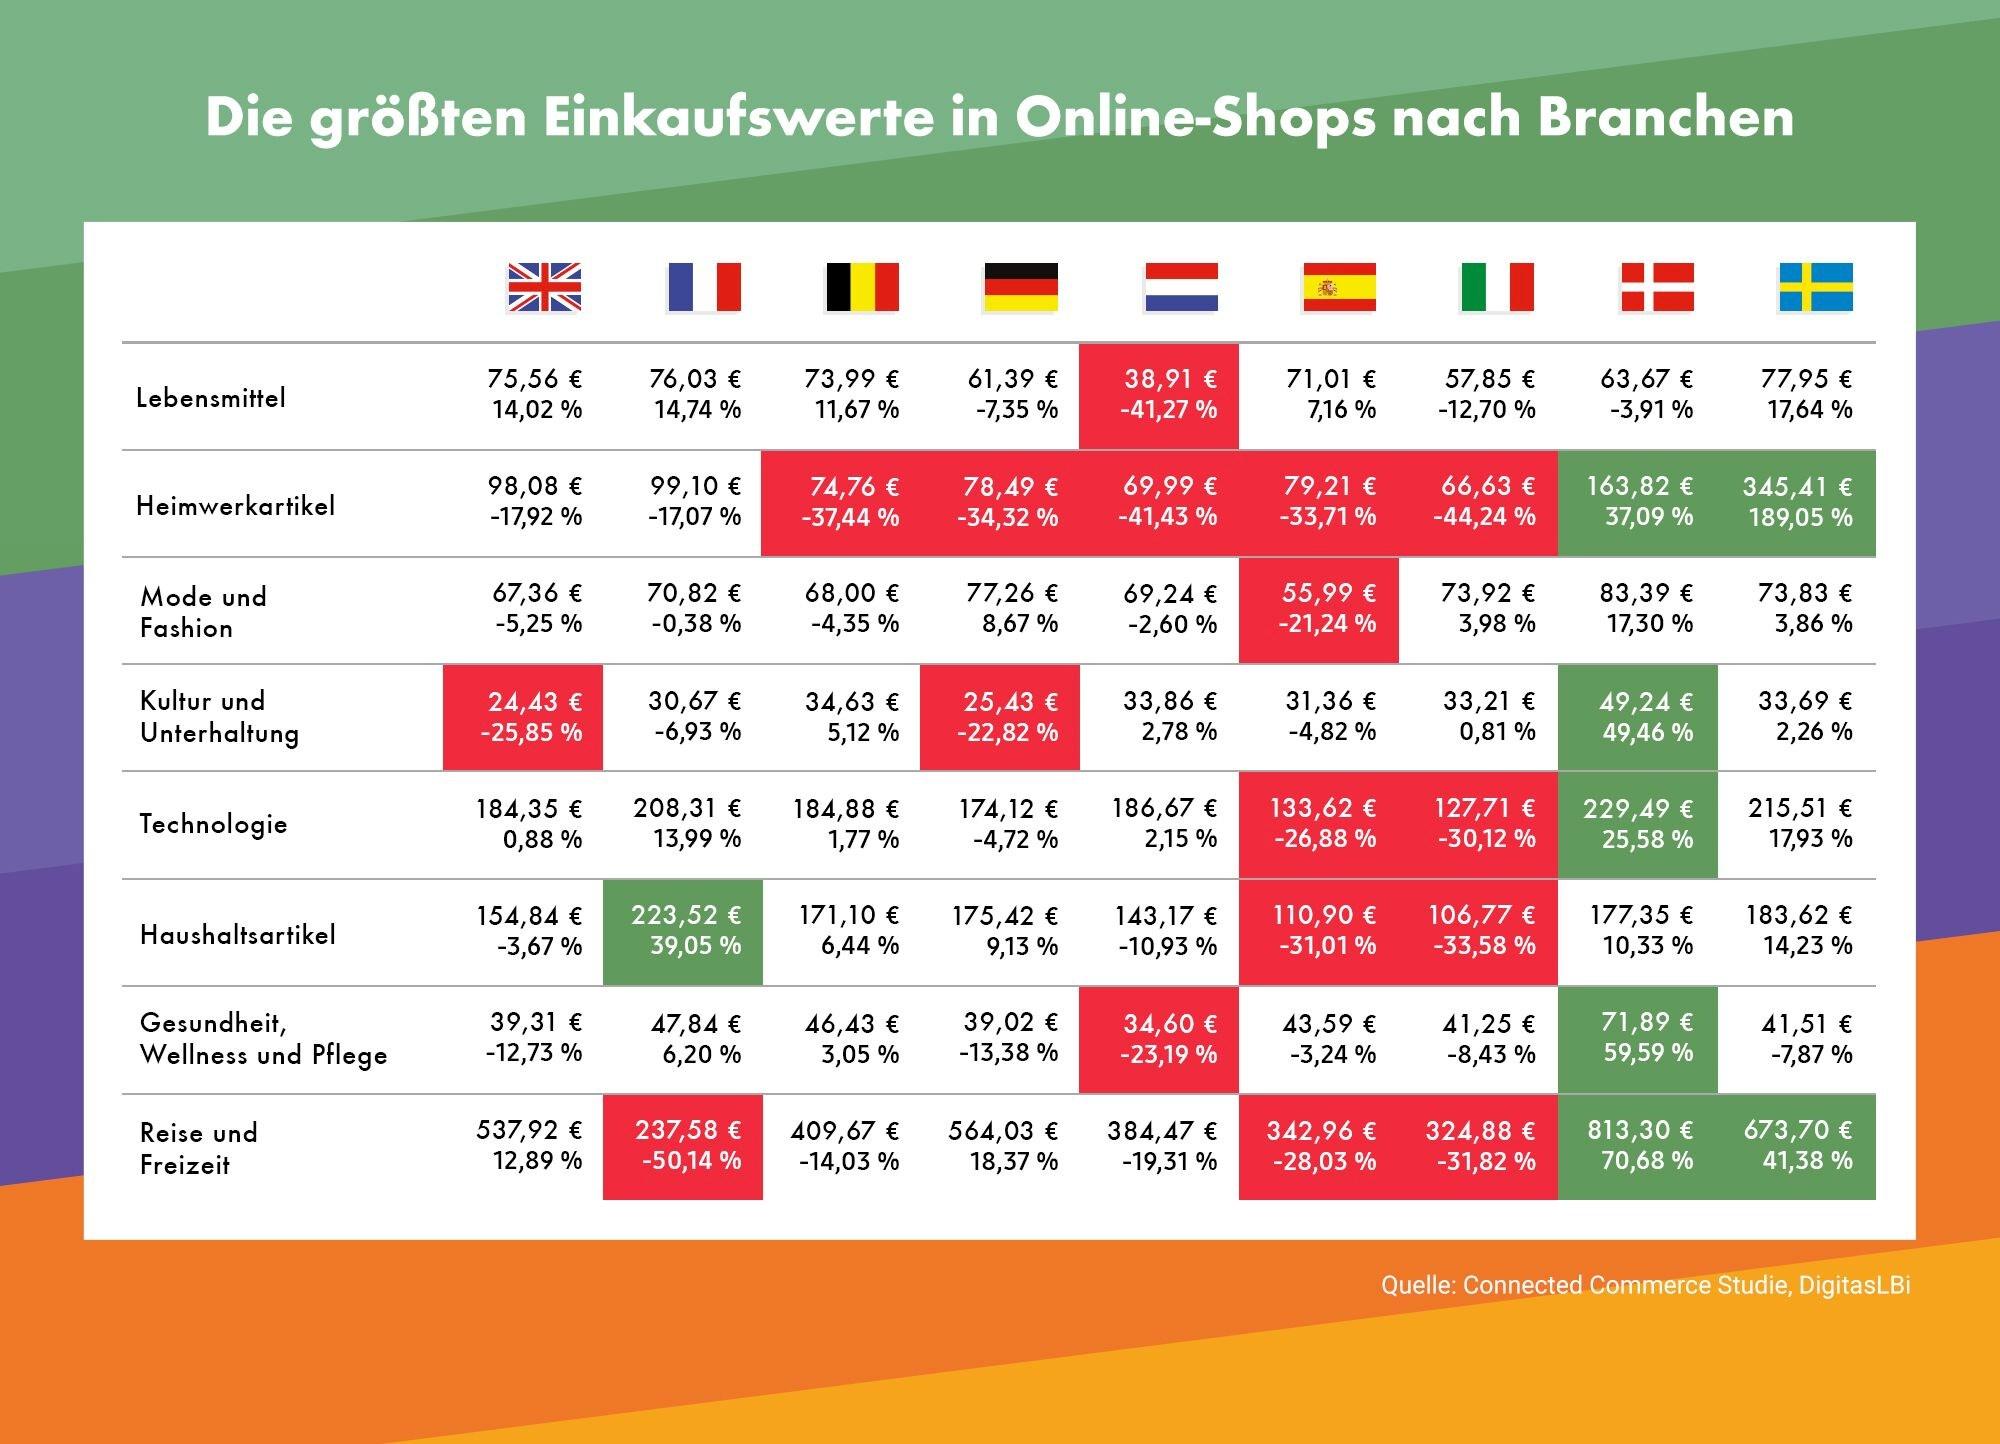 grafik digitaslbi einkaufswerte online-shops branchen hr